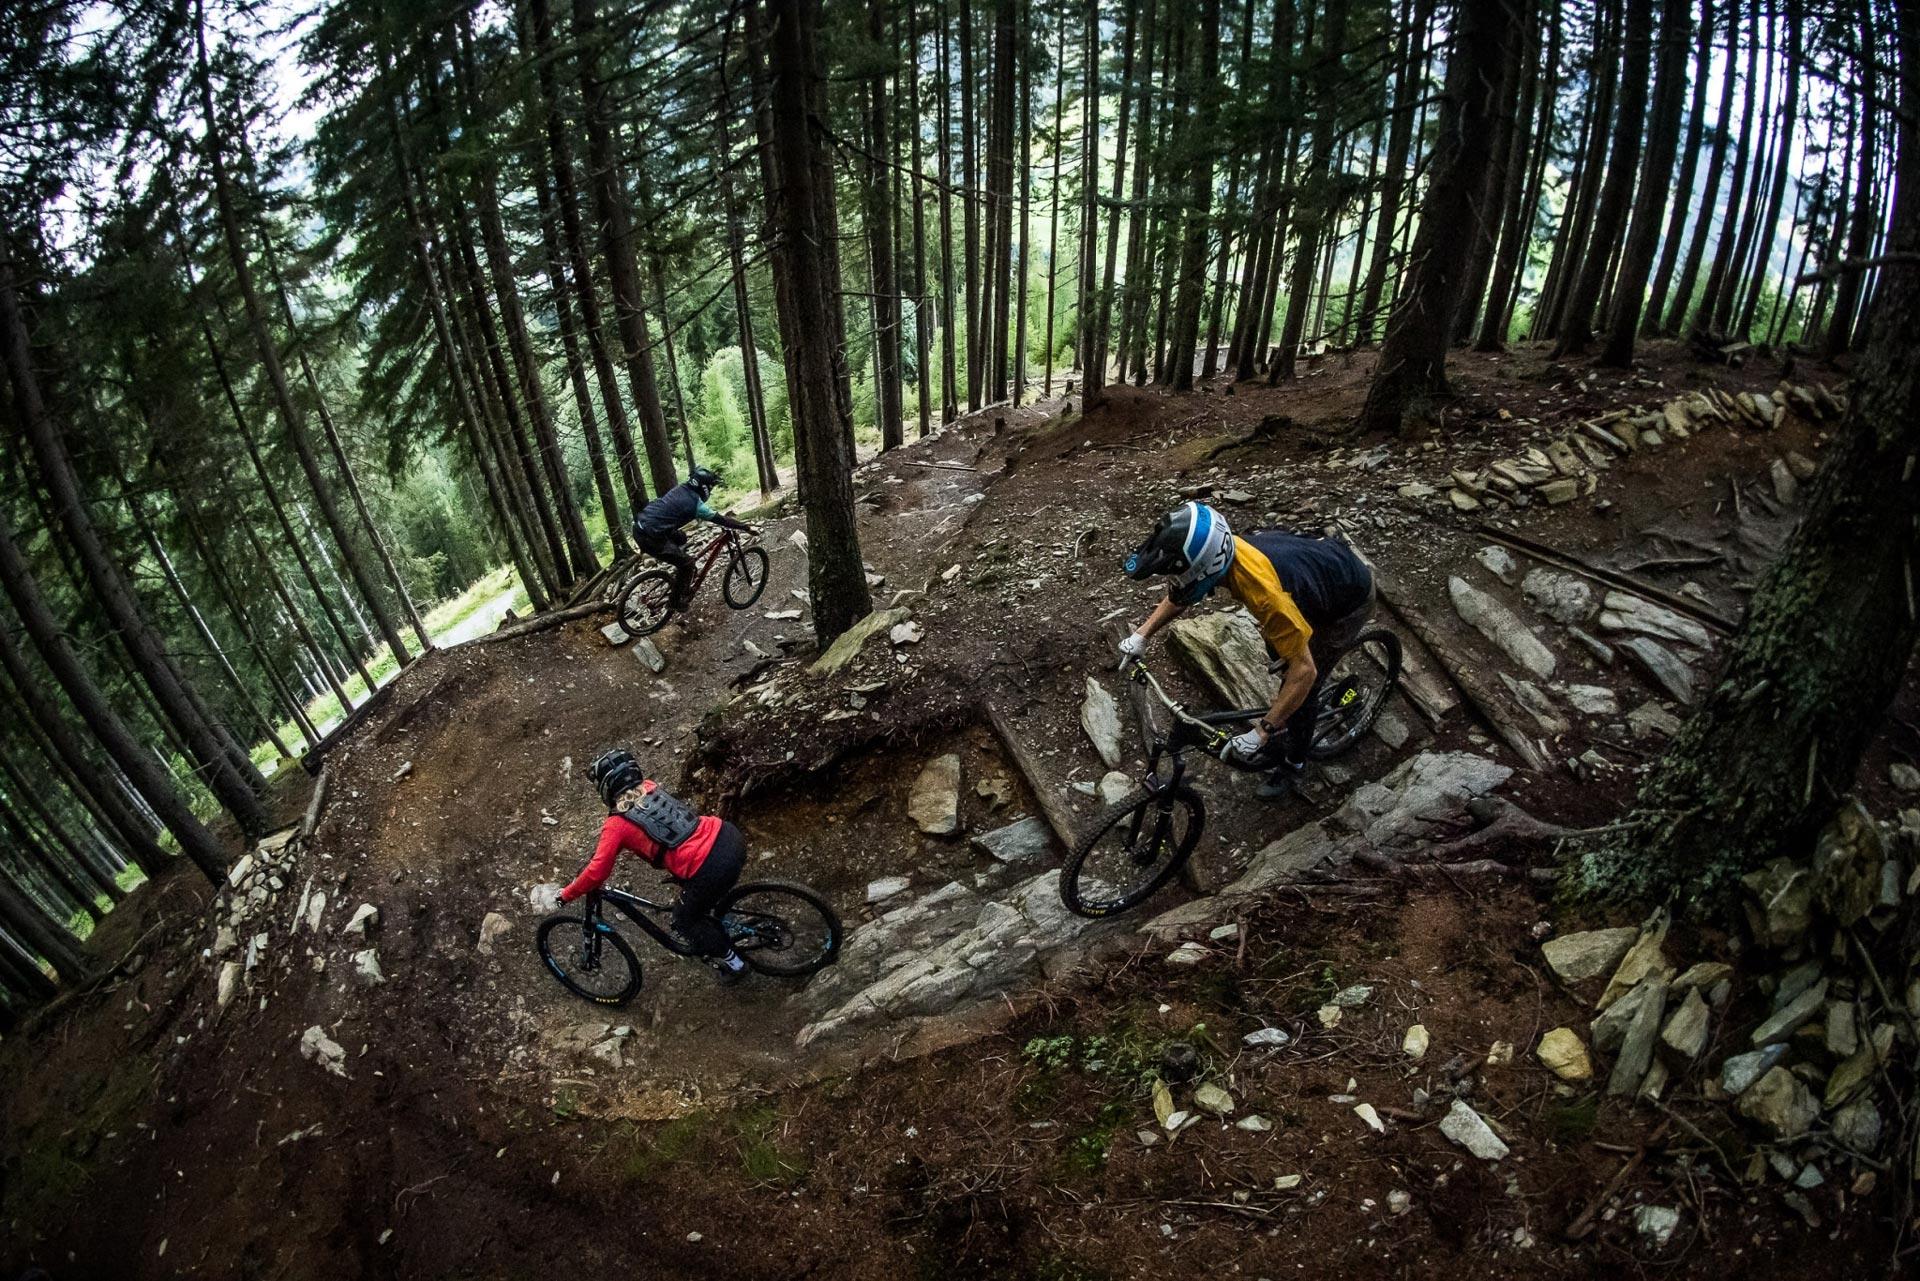 Drei Mountainbiker fahren einen Trail im Wald bergab